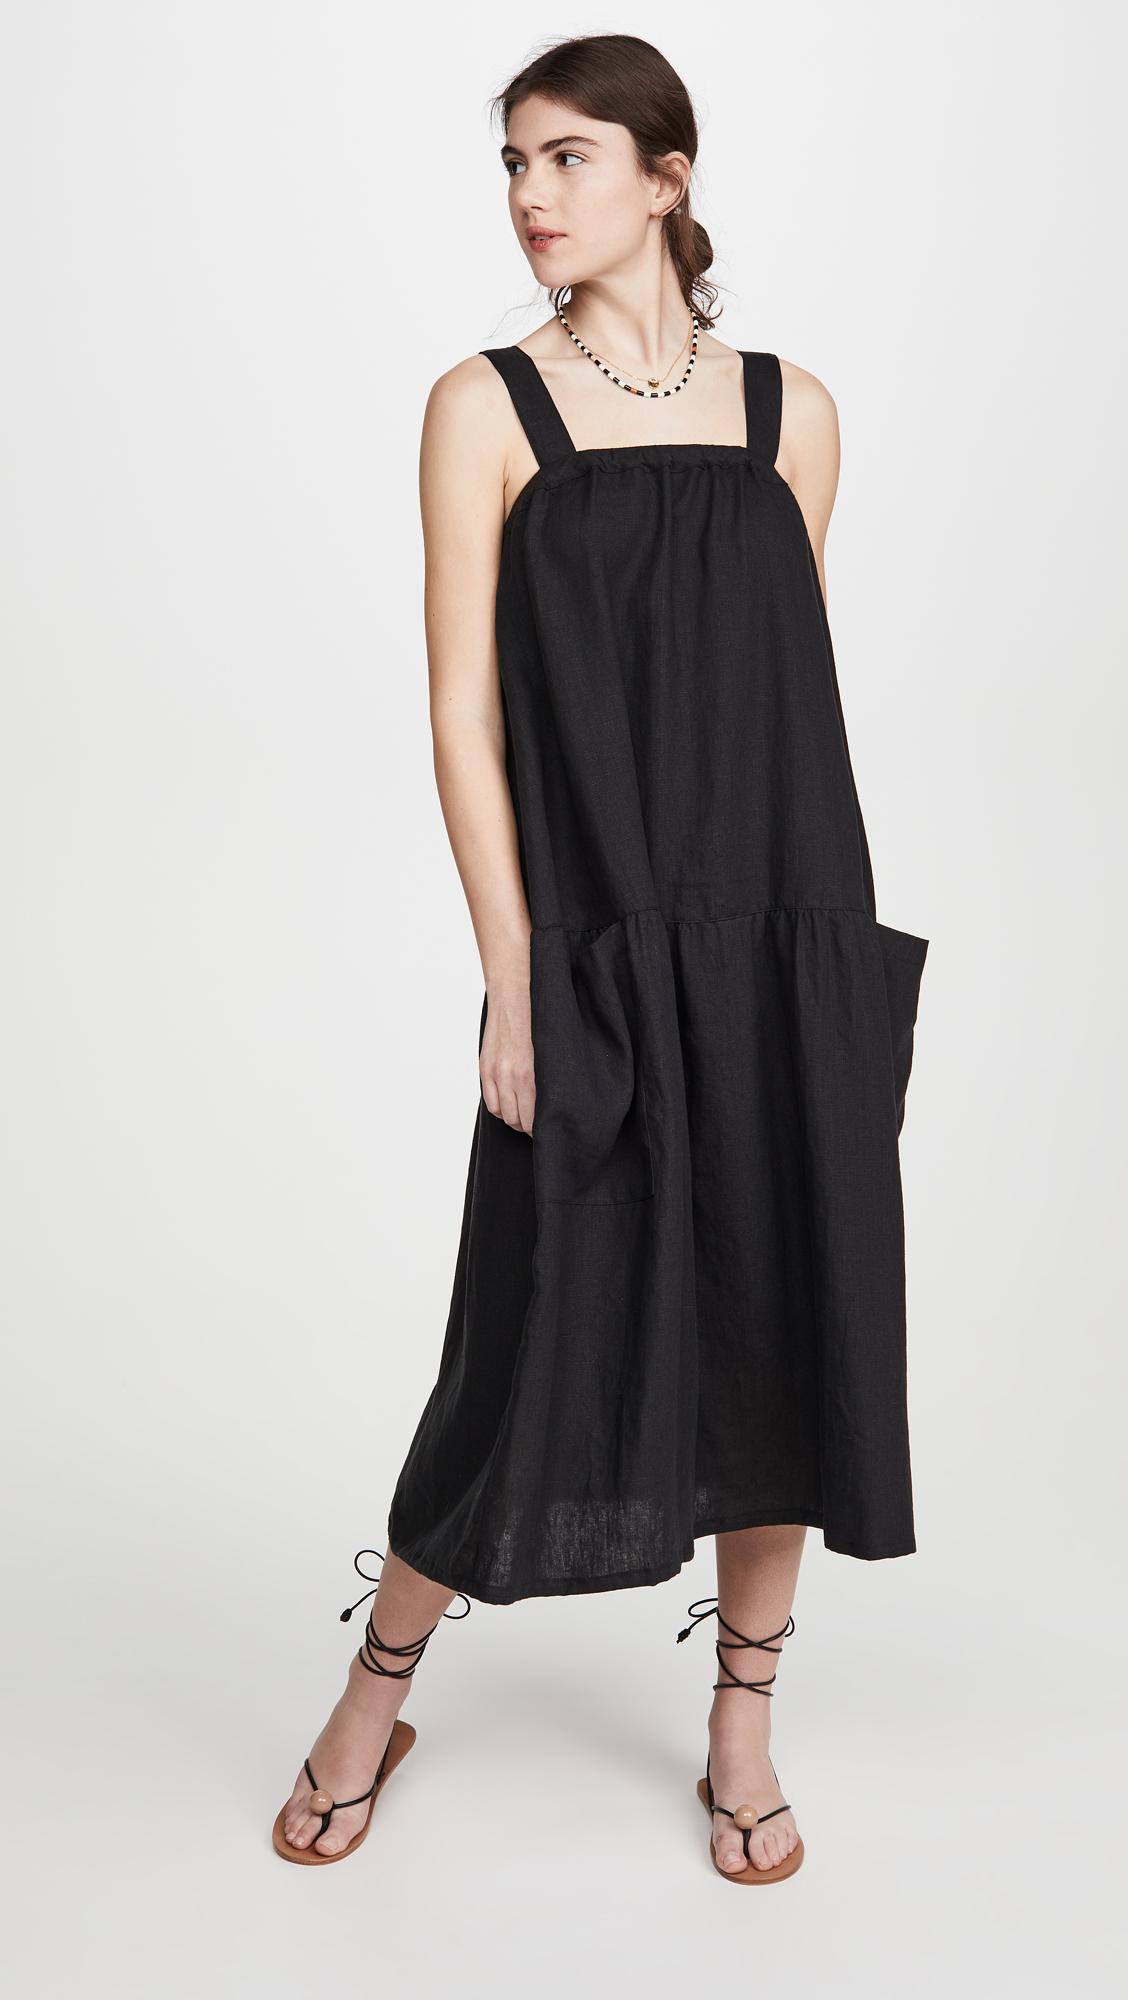 Kondi A-Line Pocket Dress